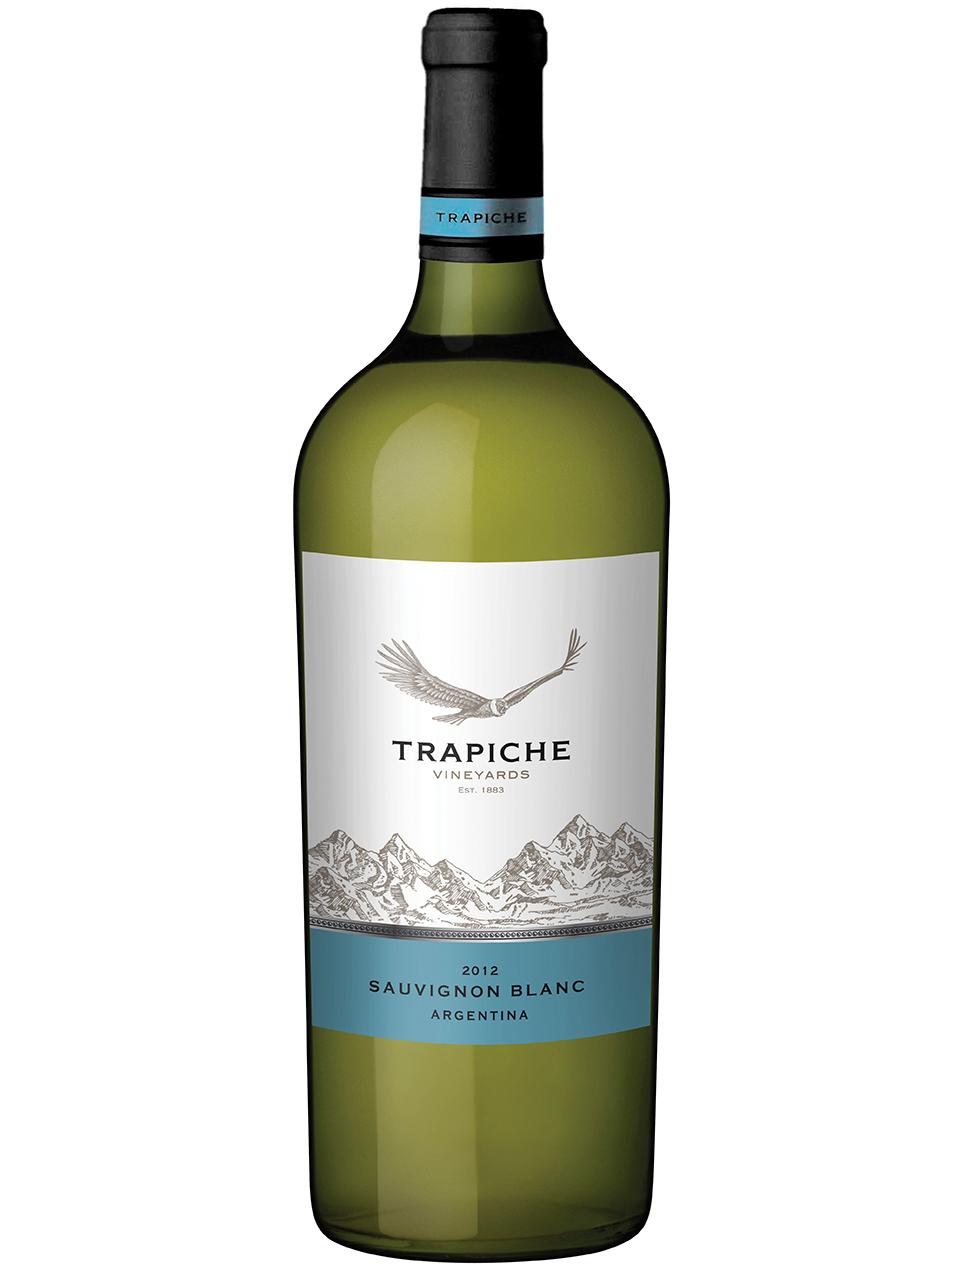 Trapiche Varietal Sauvignon Blanc